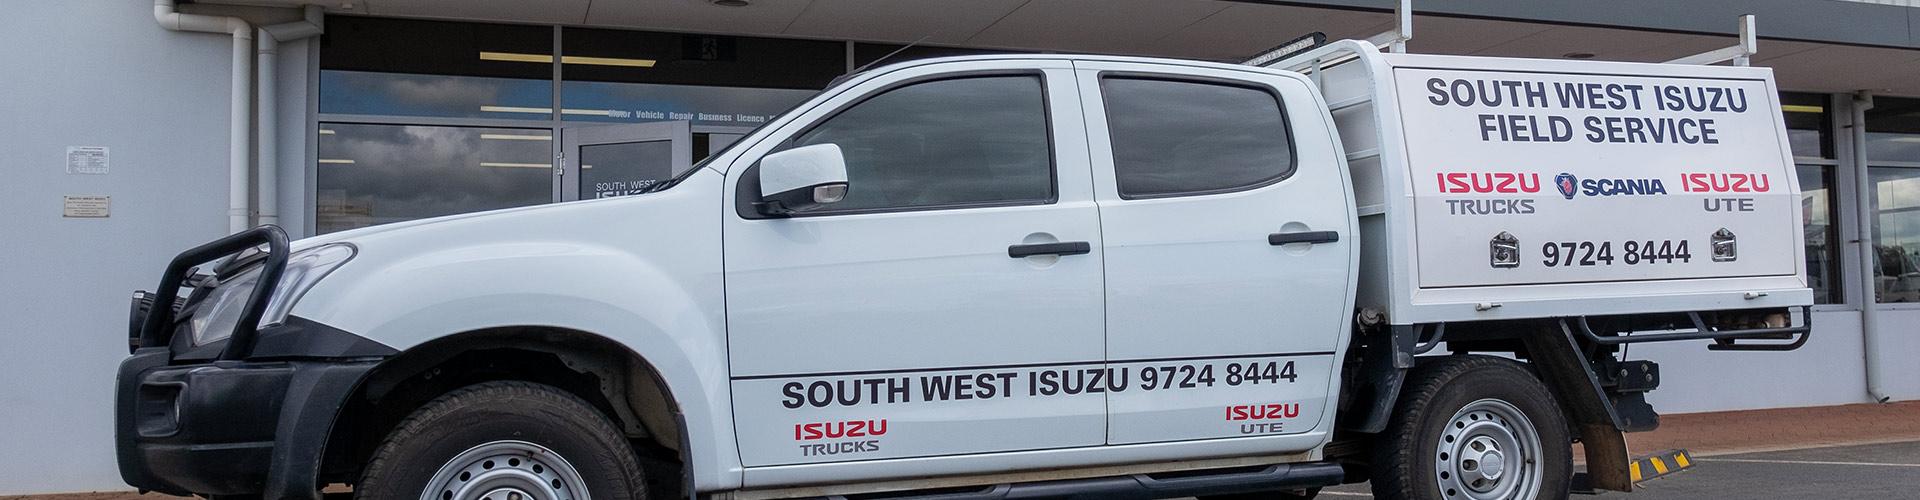 South-West-Isuzu-Trucks-Contact-Us-Banner